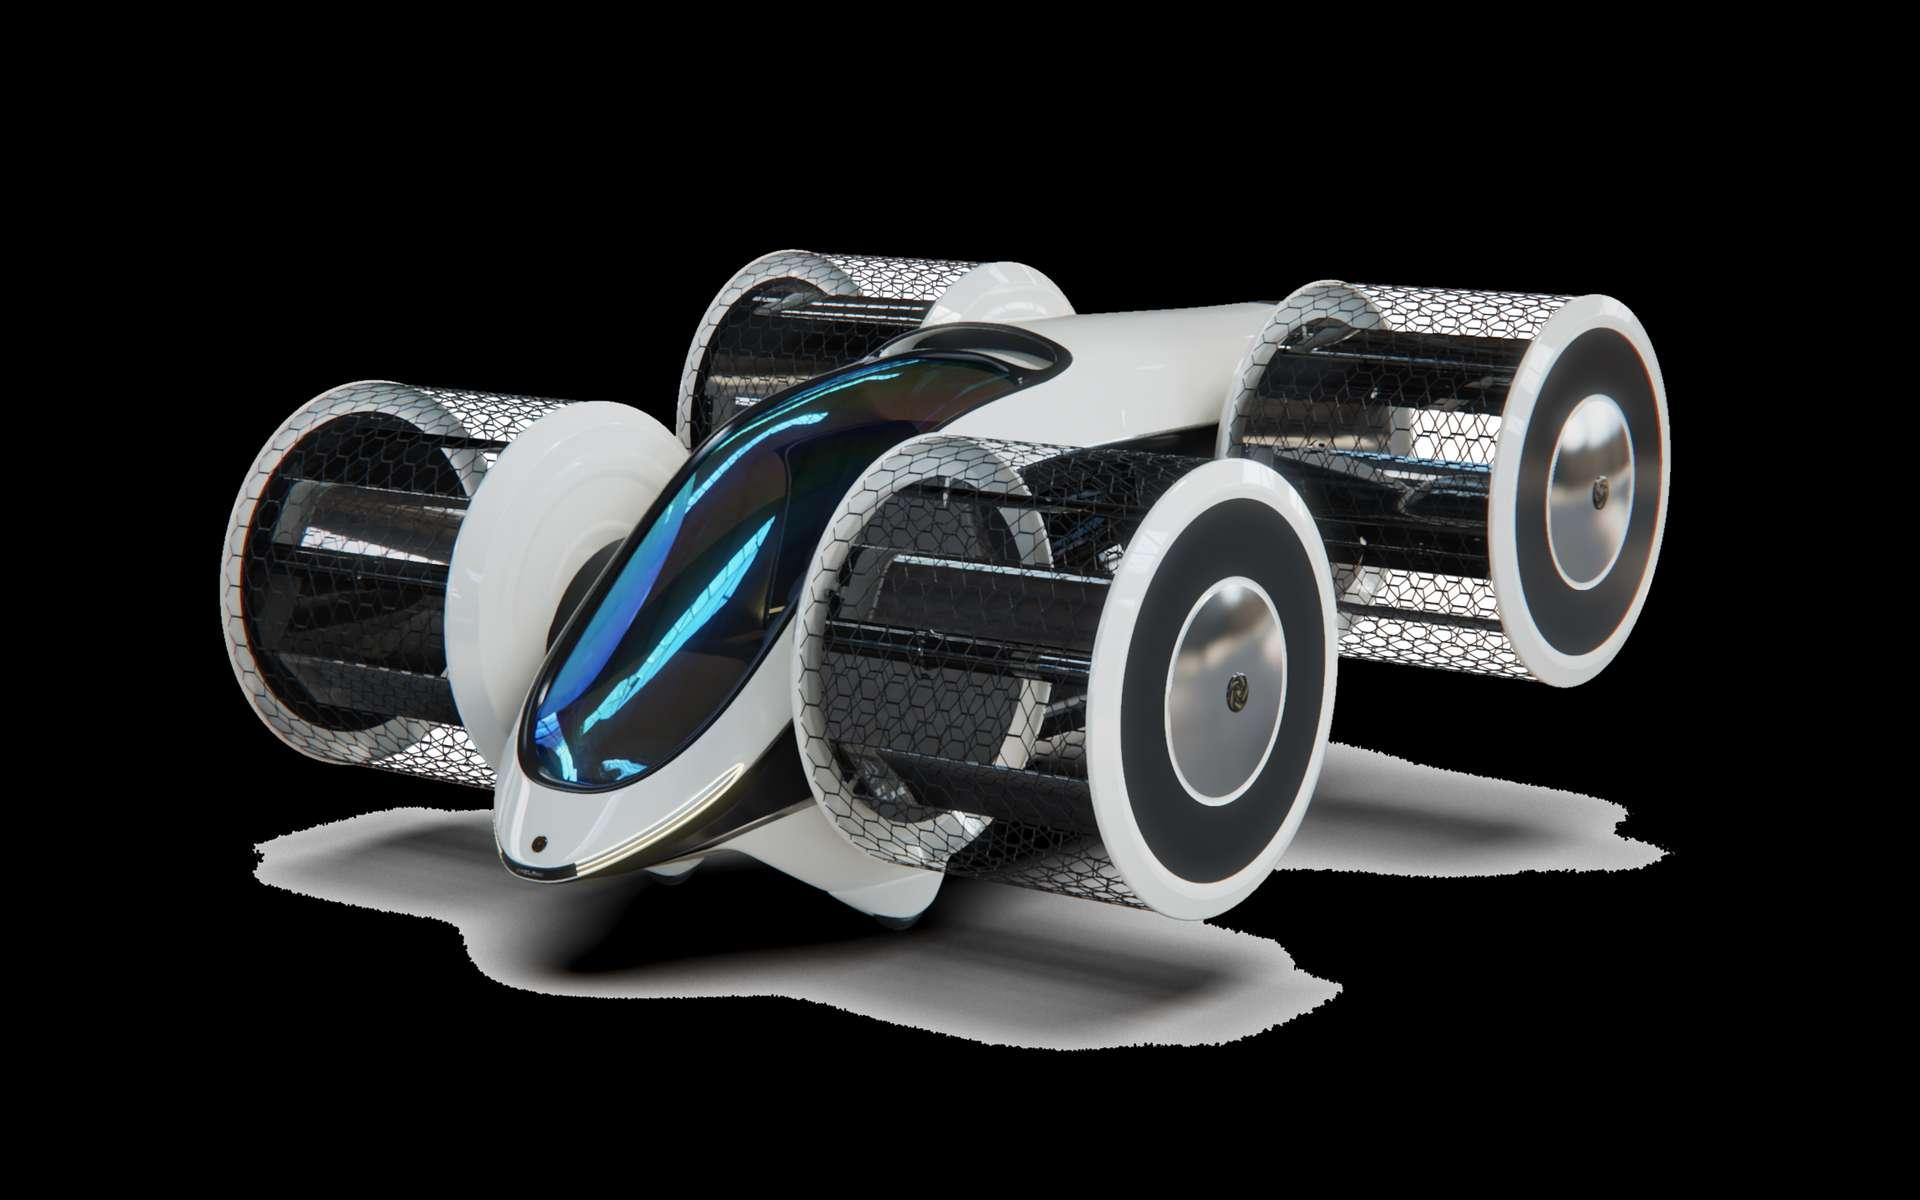 Cet engin aux allures de Formule 1 vole à 250 km/h et peut accueillir jusqu'à six personnes. © Fondation pour la Recherche Avancée